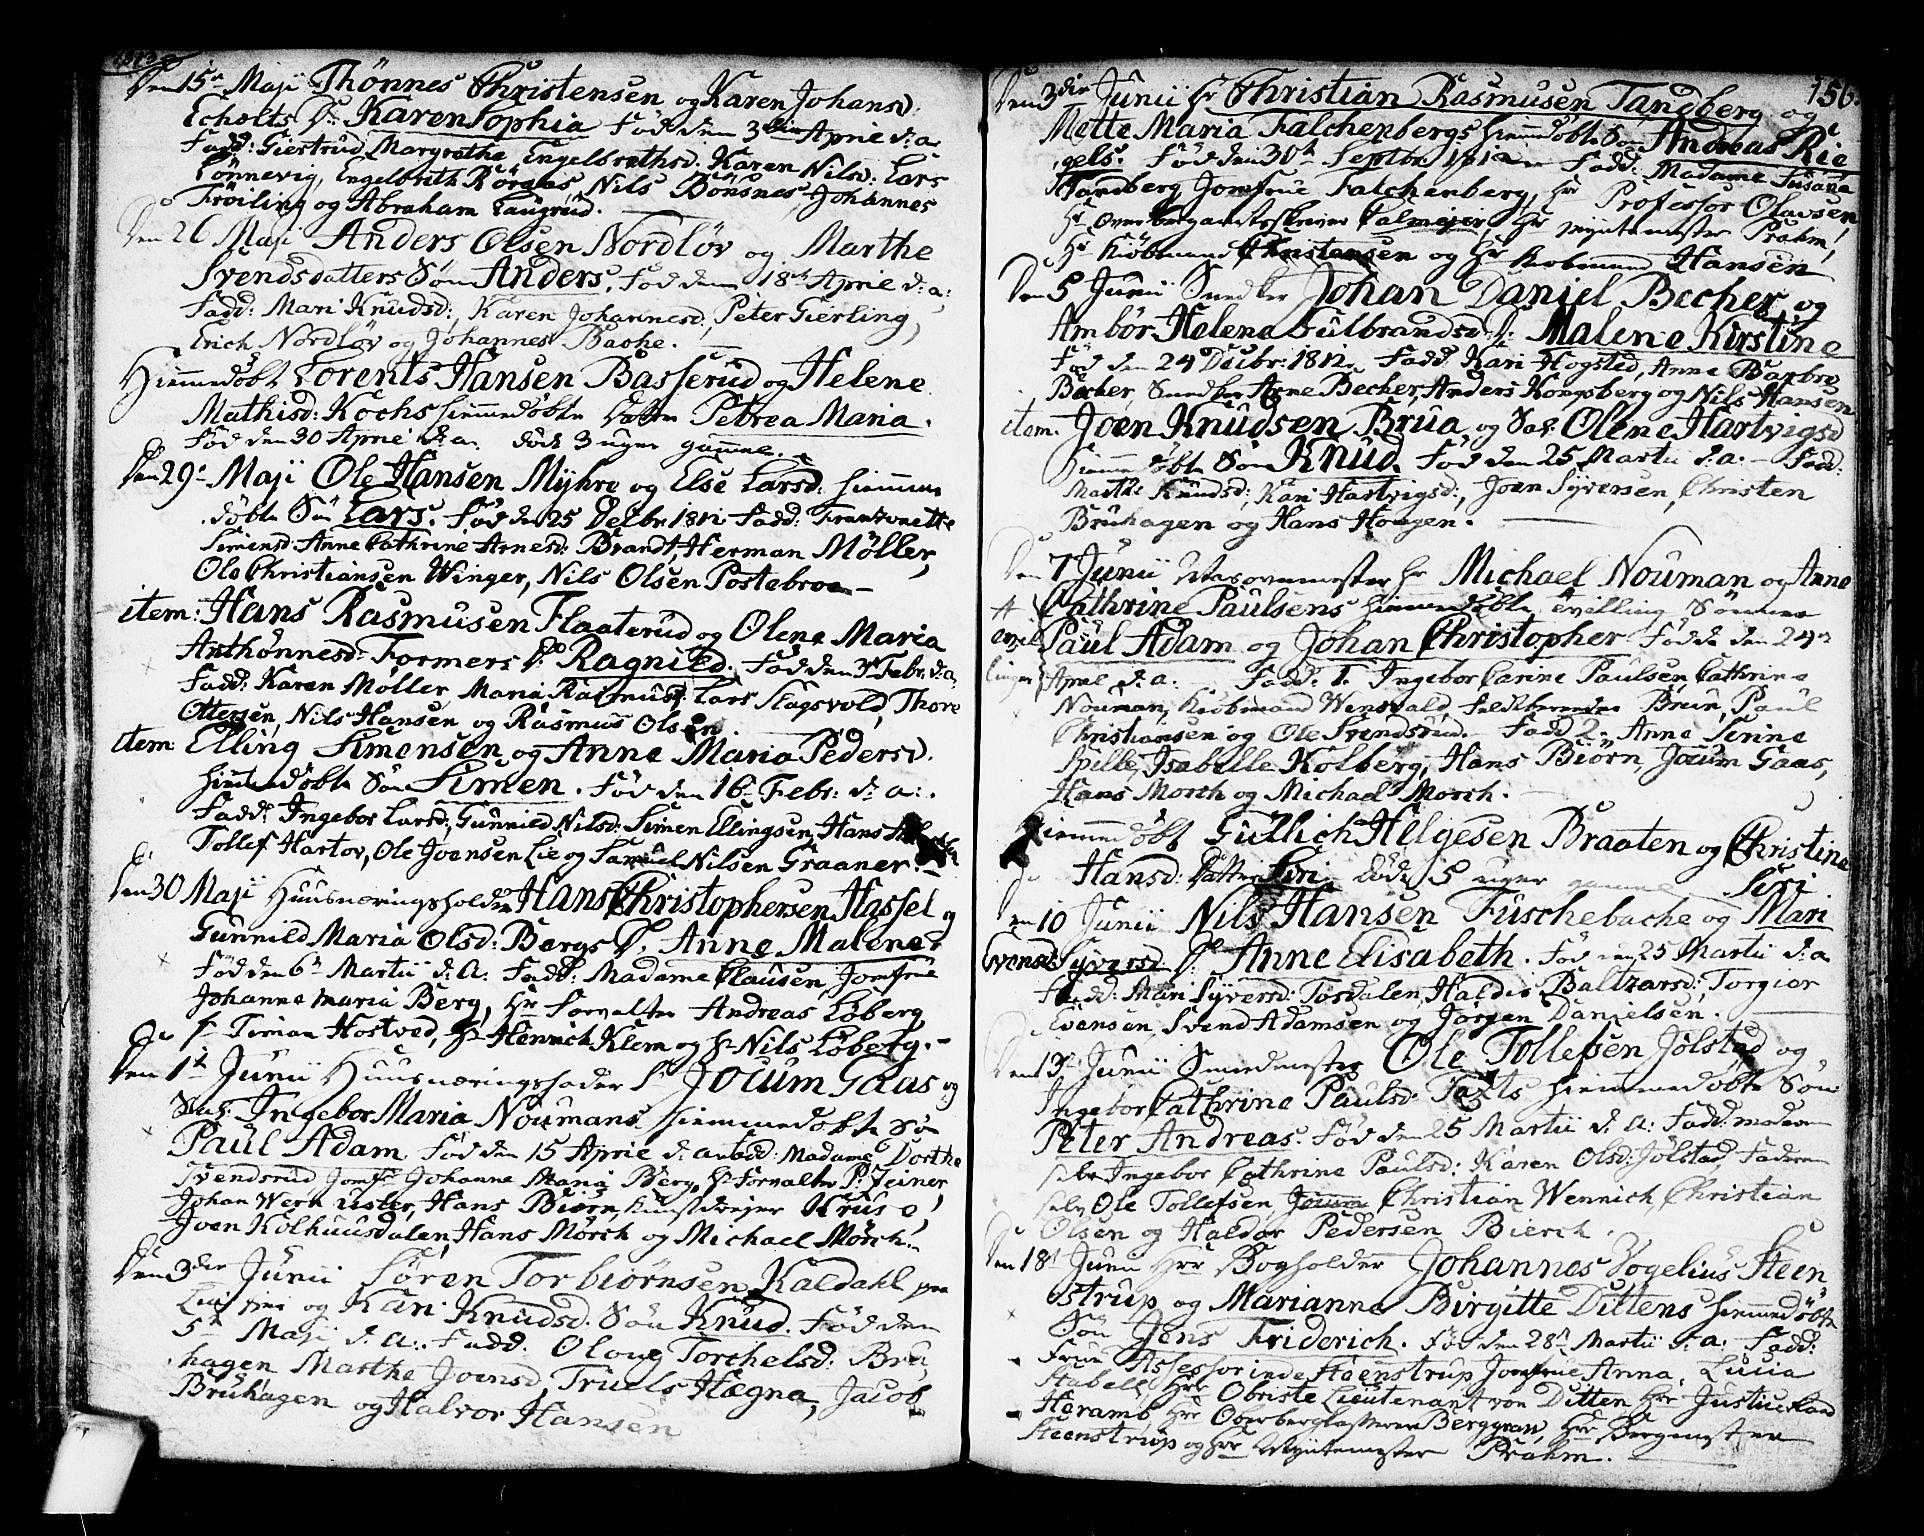 SAKO, Kongsberg kirkebøker, F/Fa/L0007: Ministerialbok nr. I 7, 1795-1816, s. 156